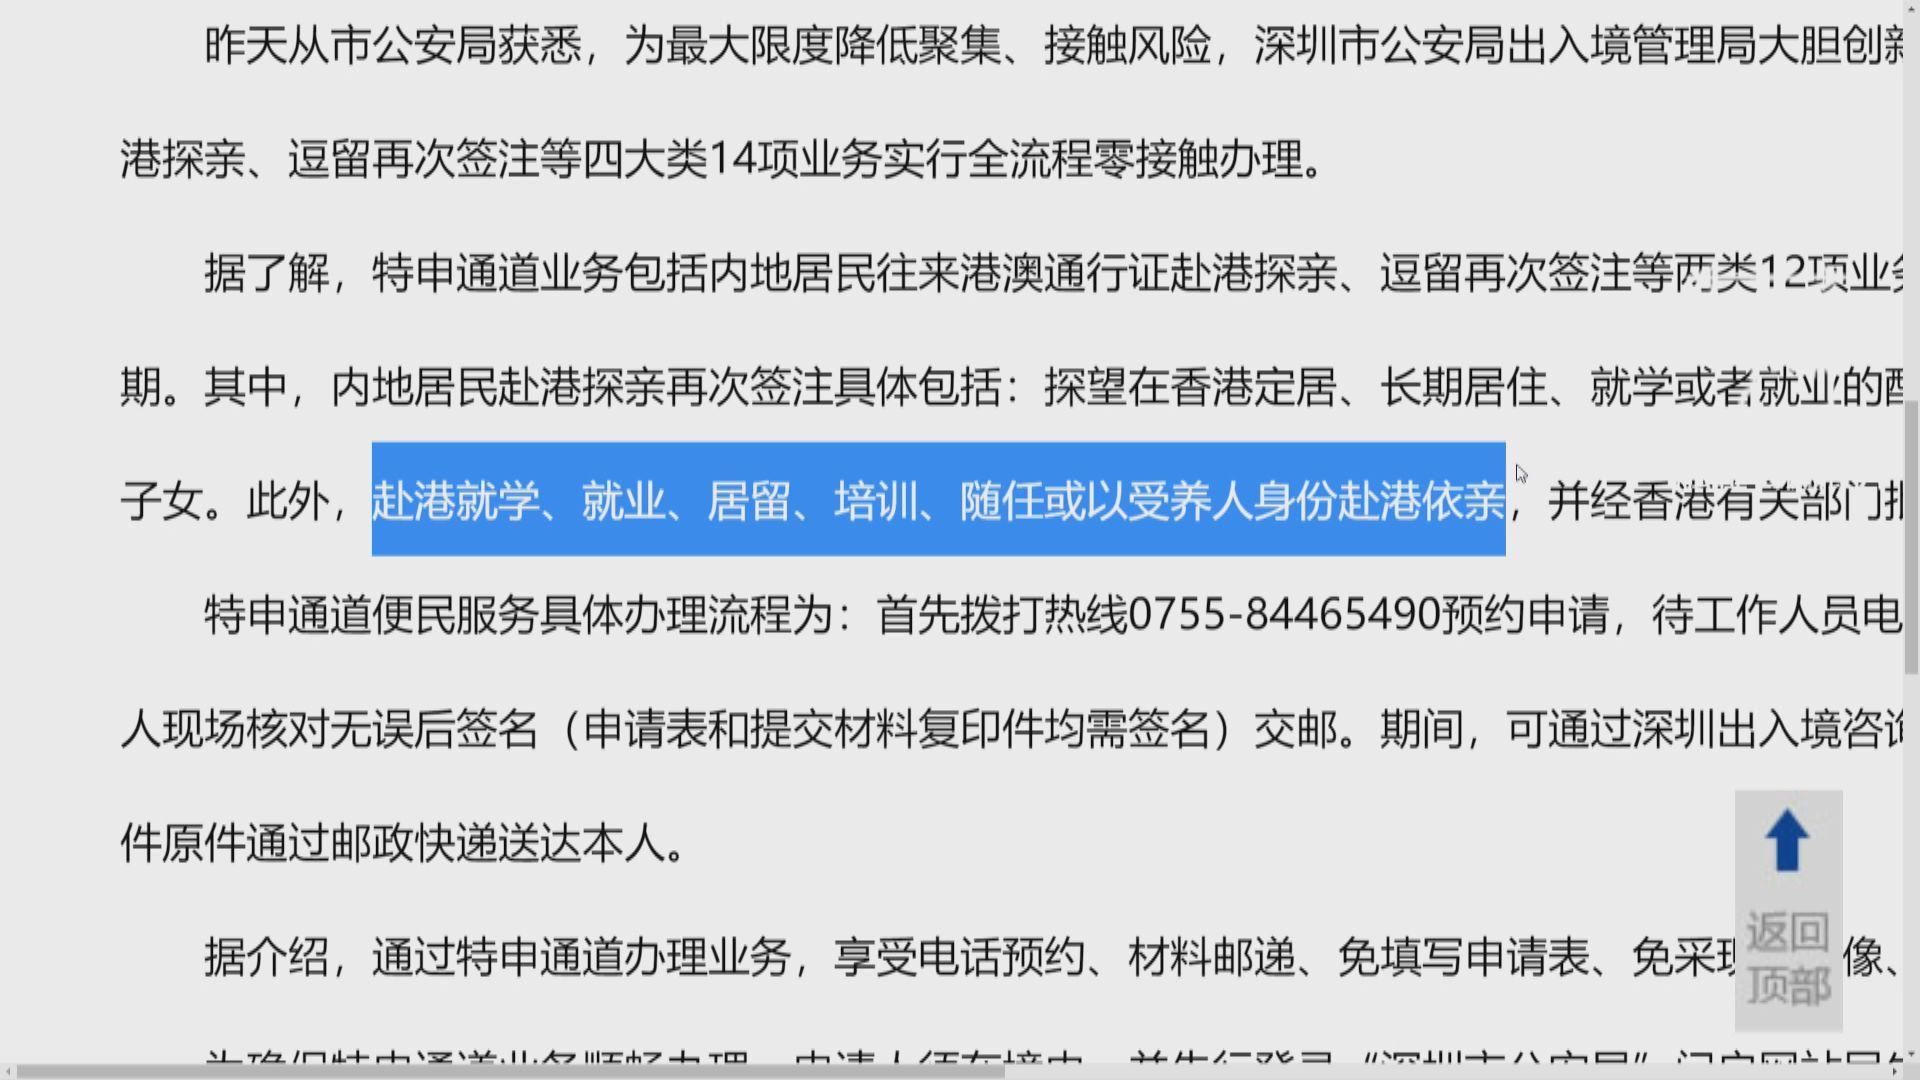 深圳恢復辦理內地居民赴港探親等簽注